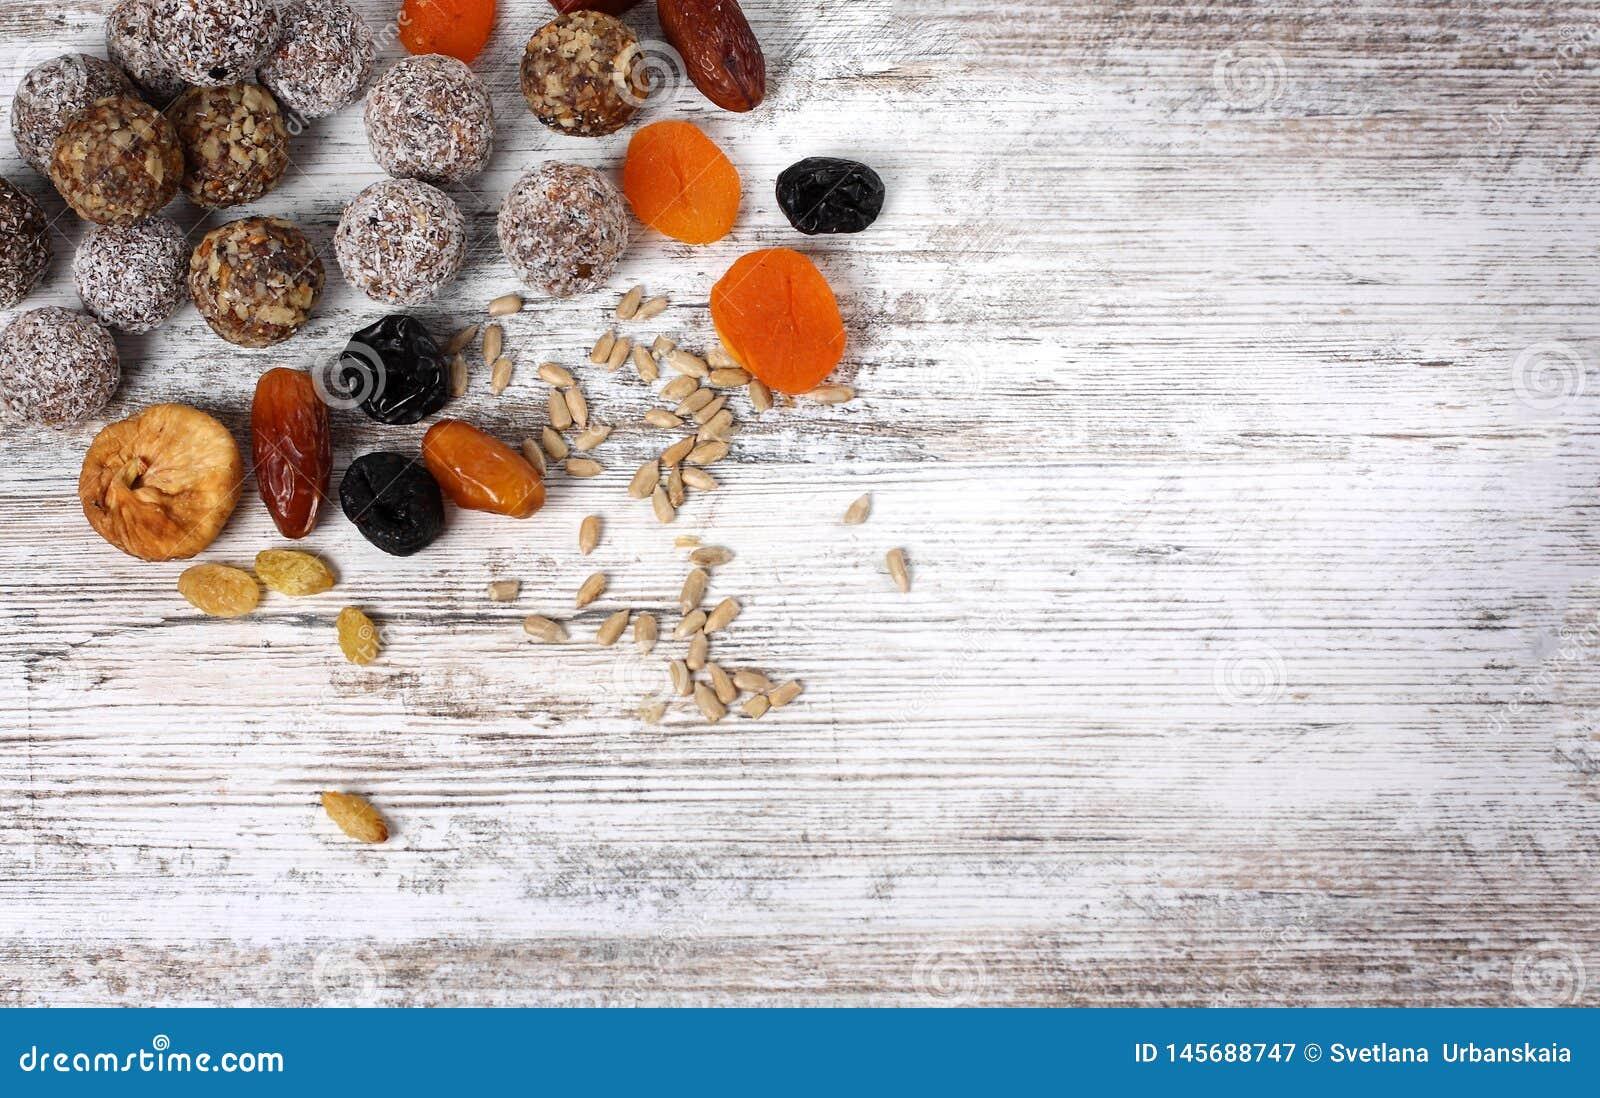 Kleurrijk gezond eigengemaakt suikergoed met noten, droge vruchten